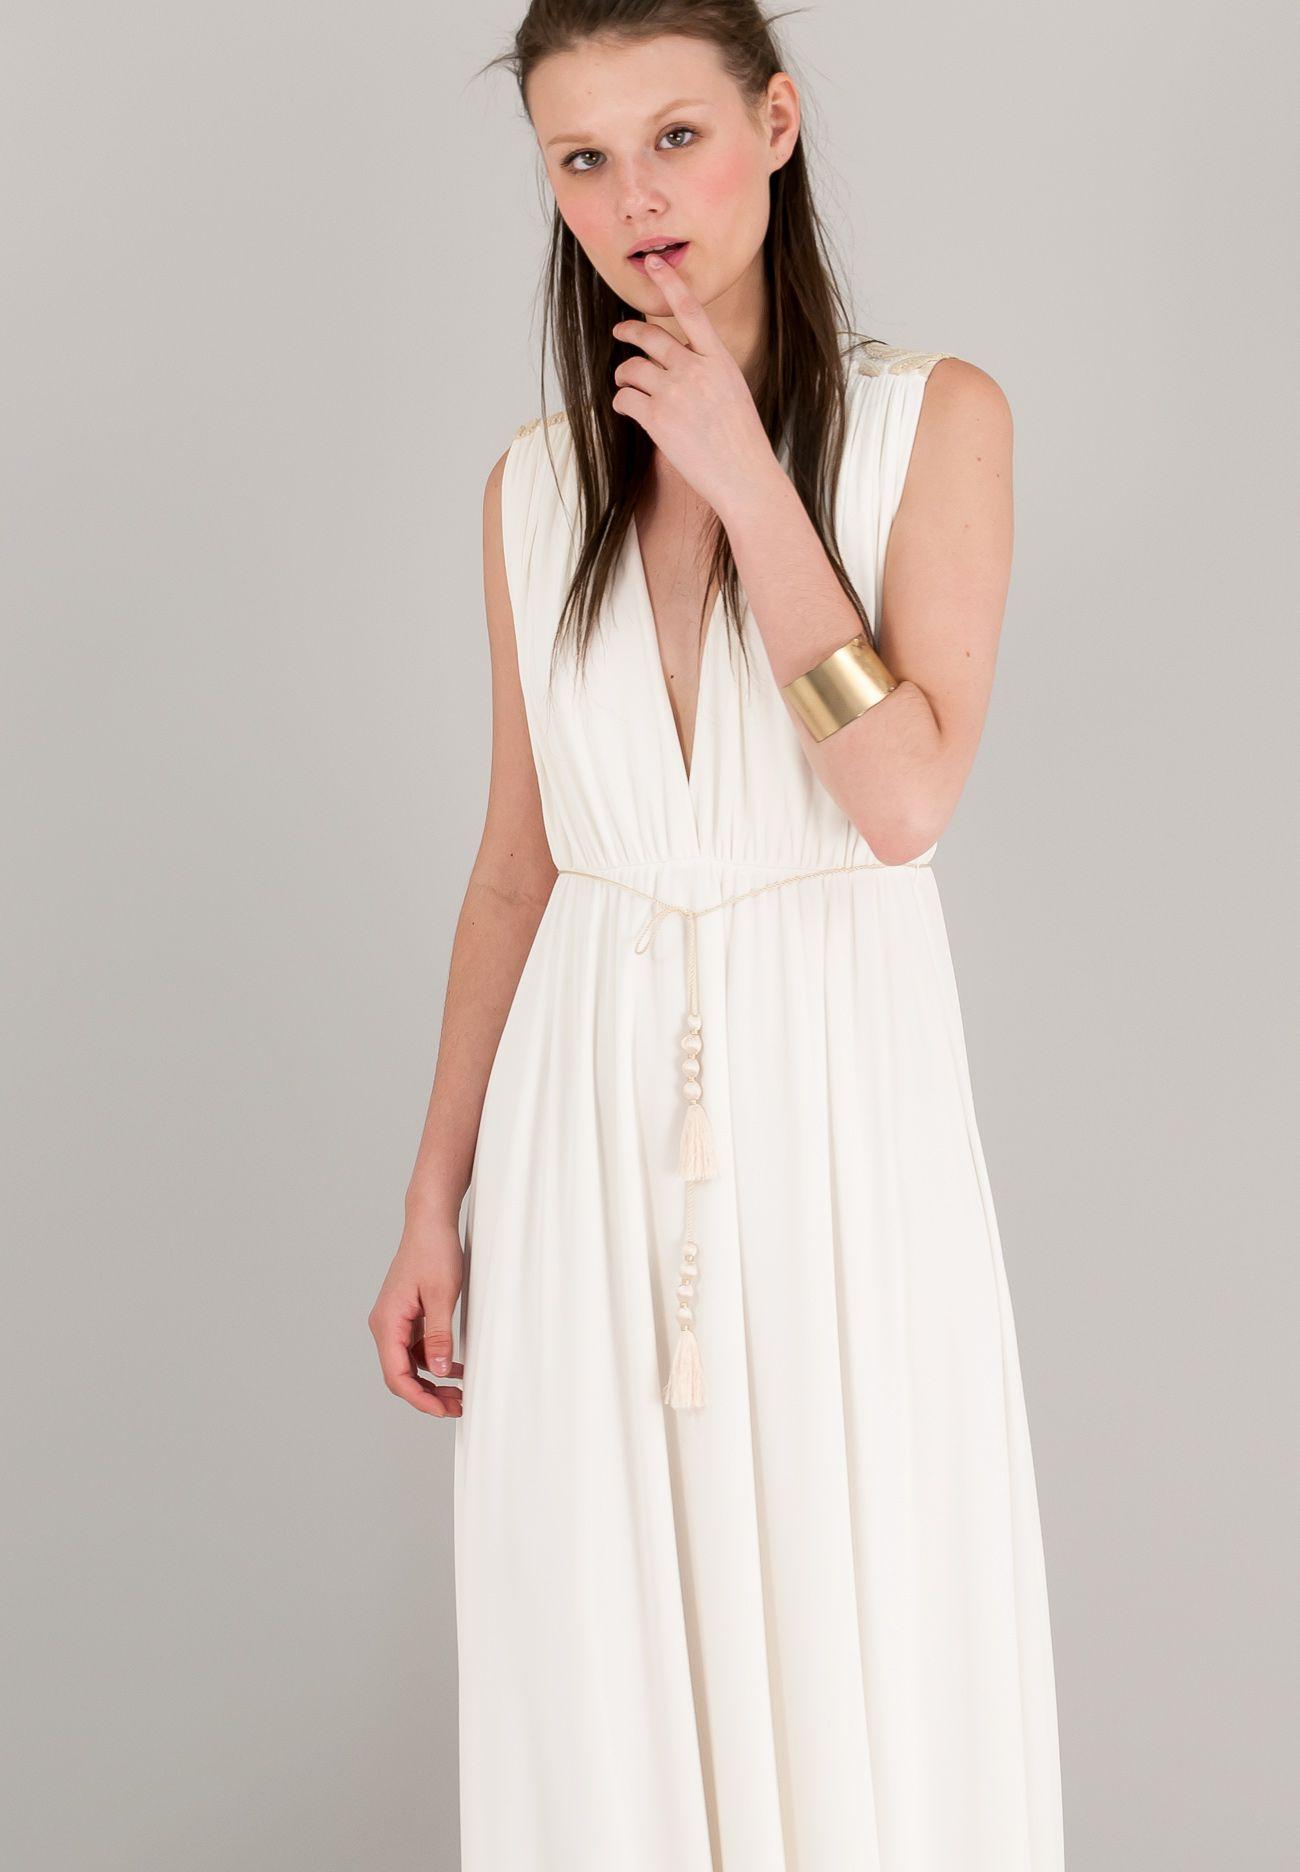 Μακρύ φόρεμα σε αρχαιοελληνικό στιλ με βαθύ ντεκολτέ και ανάγλυφο  δαντελένιο μοτίβο στη πλάτη. e18eb6c4e90